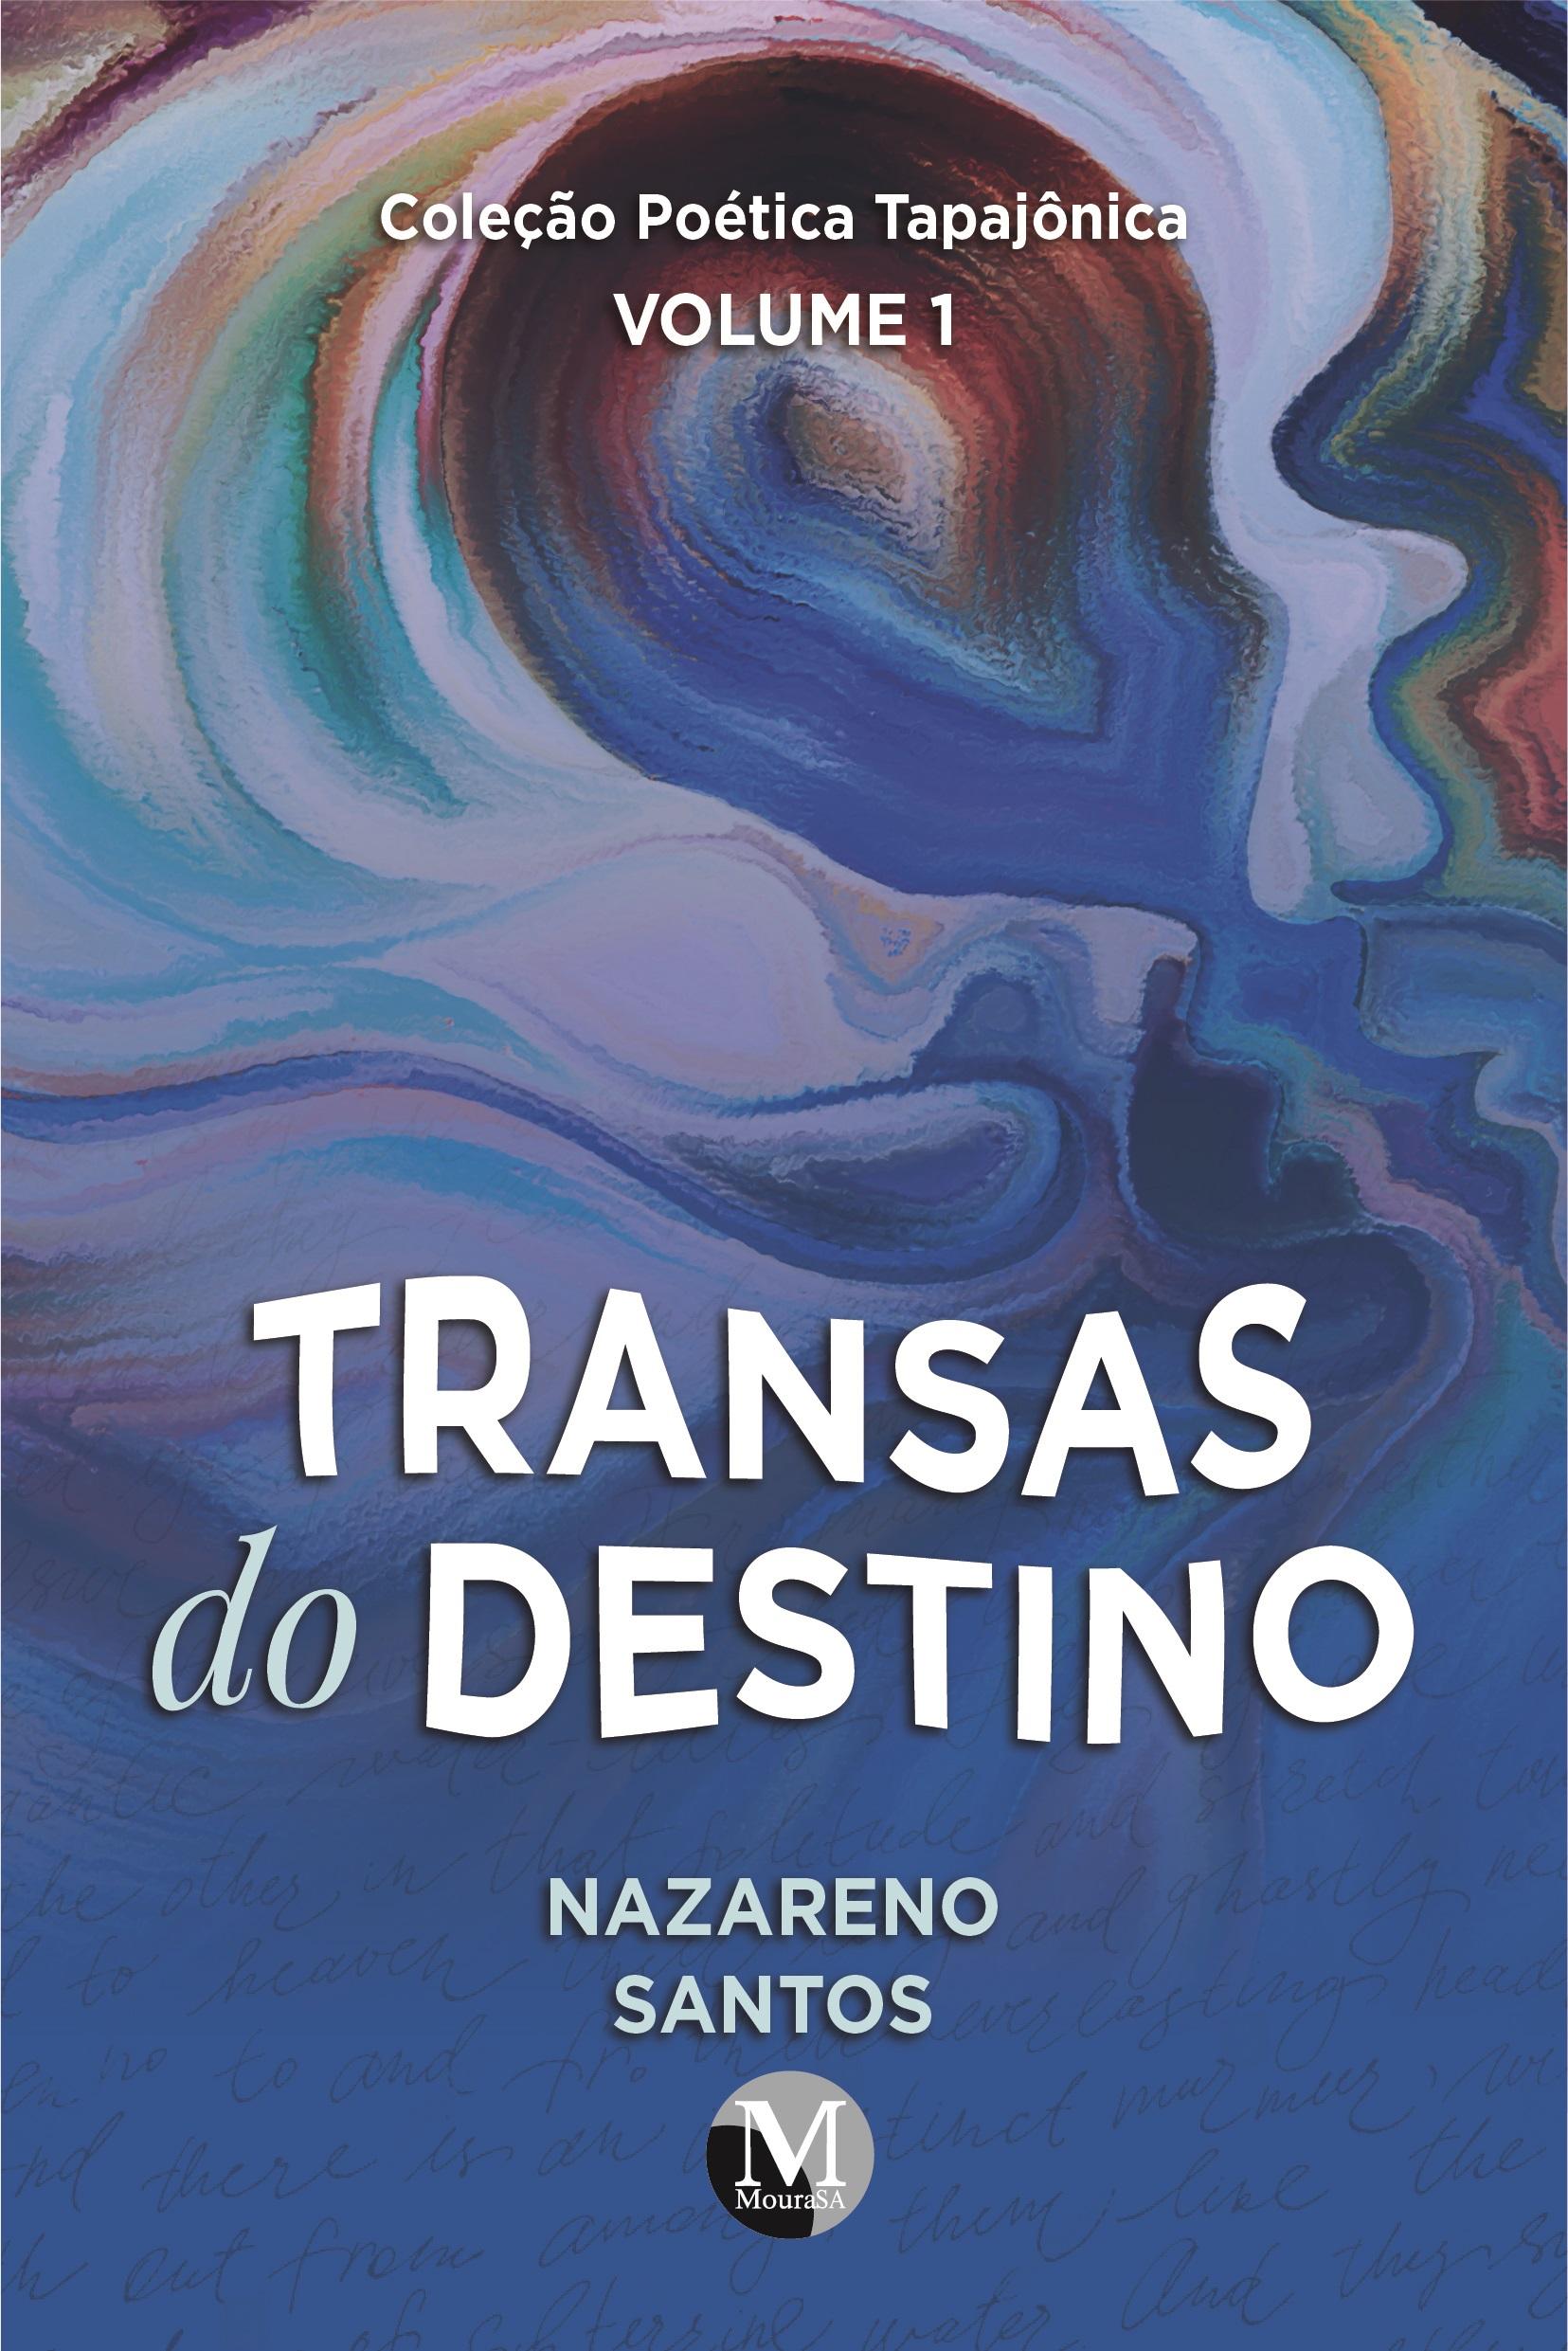 Capa do livro: TRANSAS DO DESTINO <br><br>COLEÇÃO POÉTICA TAPAJÔNICA - VOLUME 1